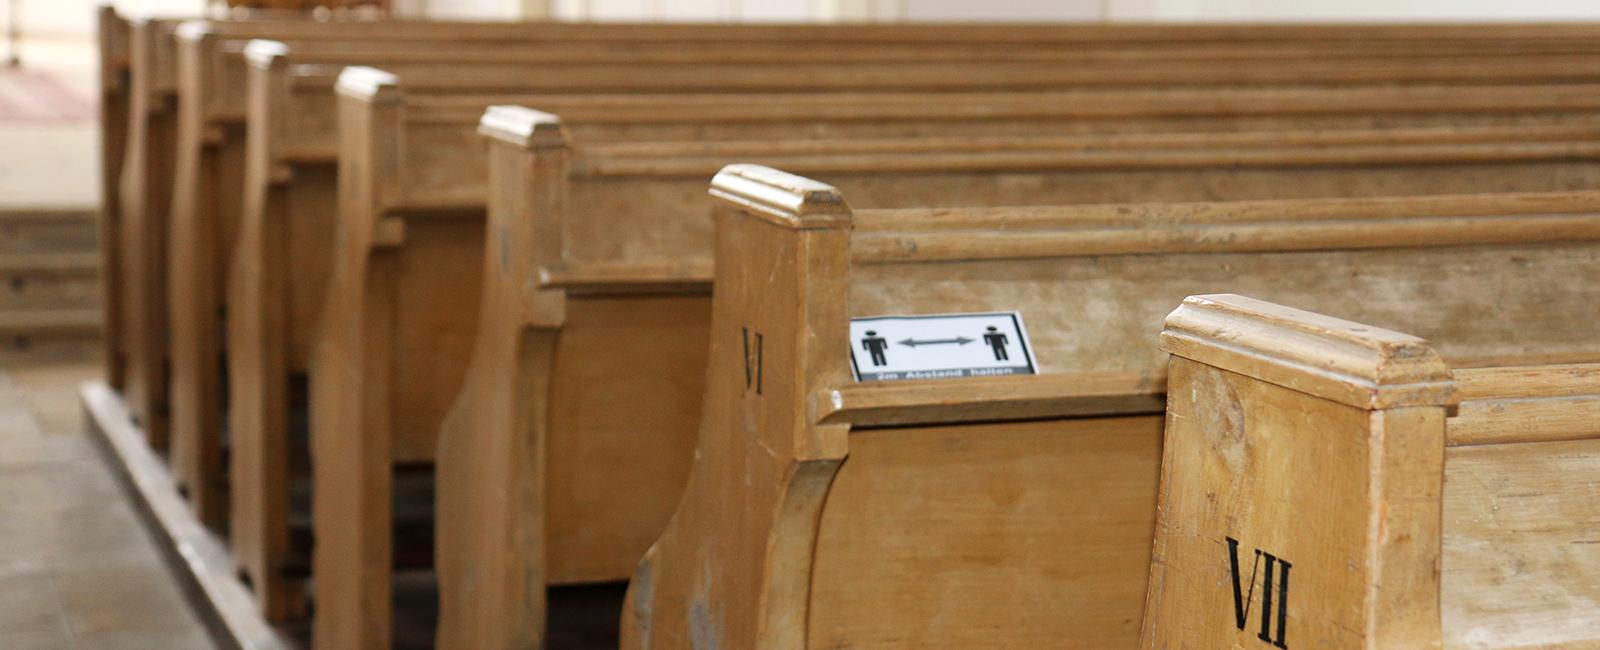 Kirche in Coronazeiten